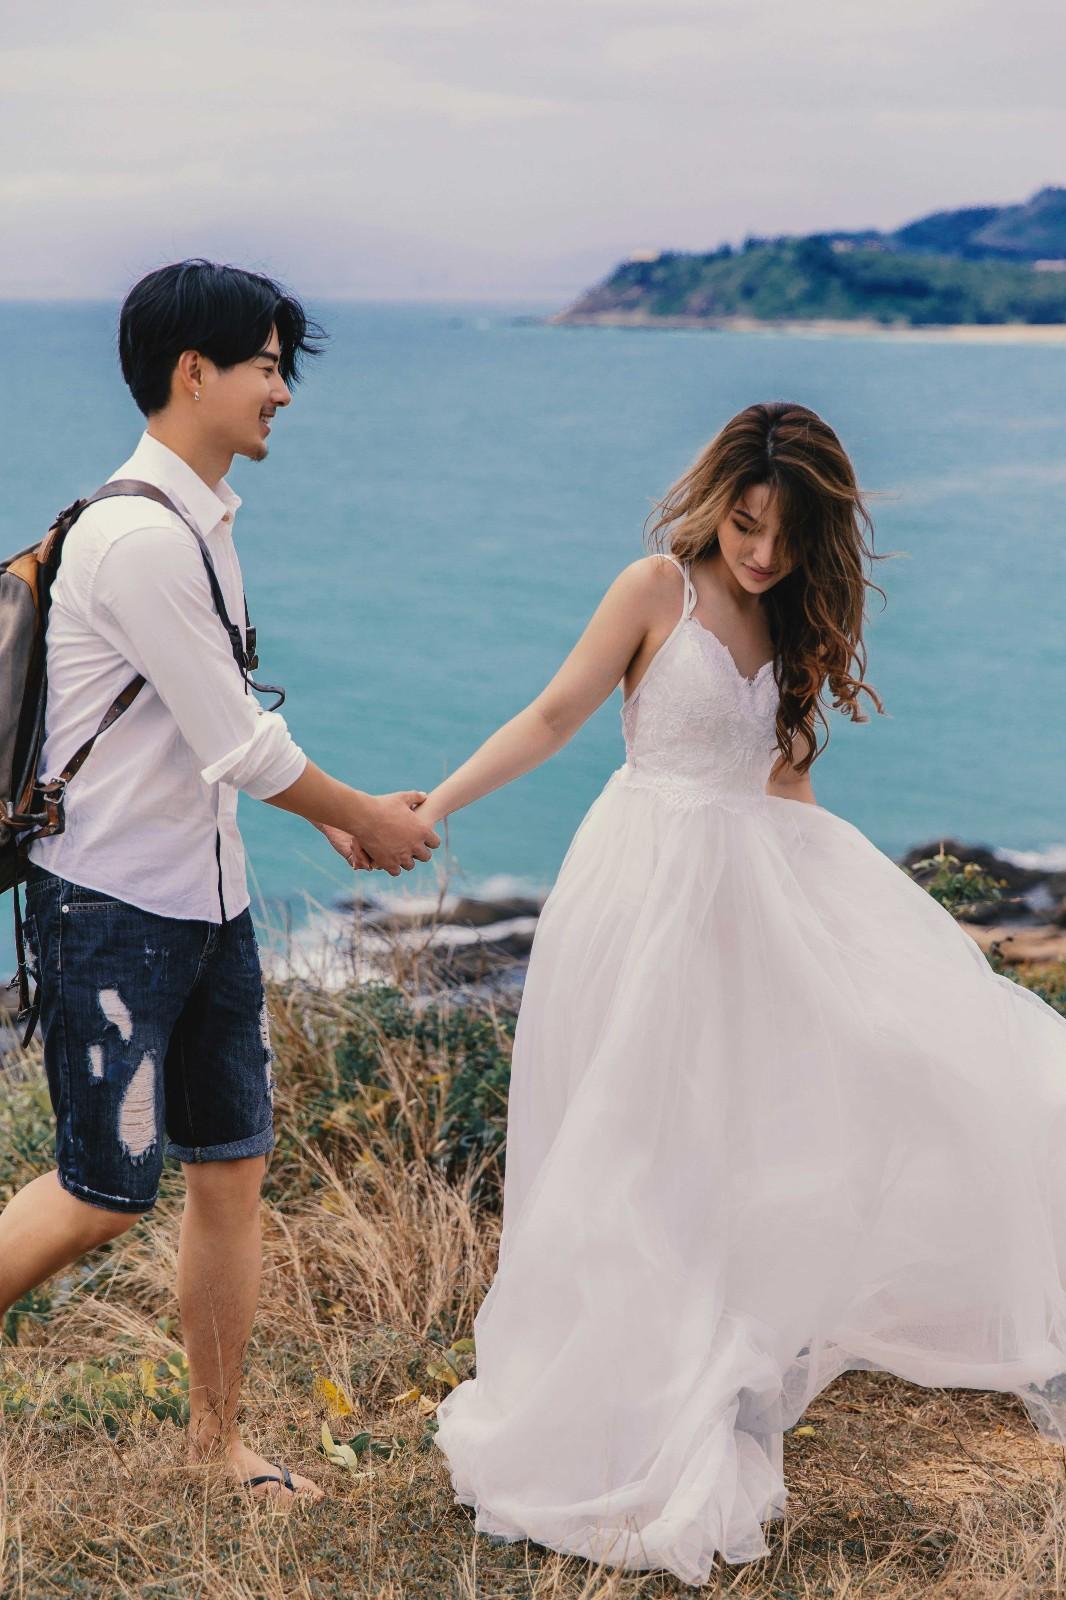 结婚当天婚床被别人睡了会怎样有什么不好的事吗